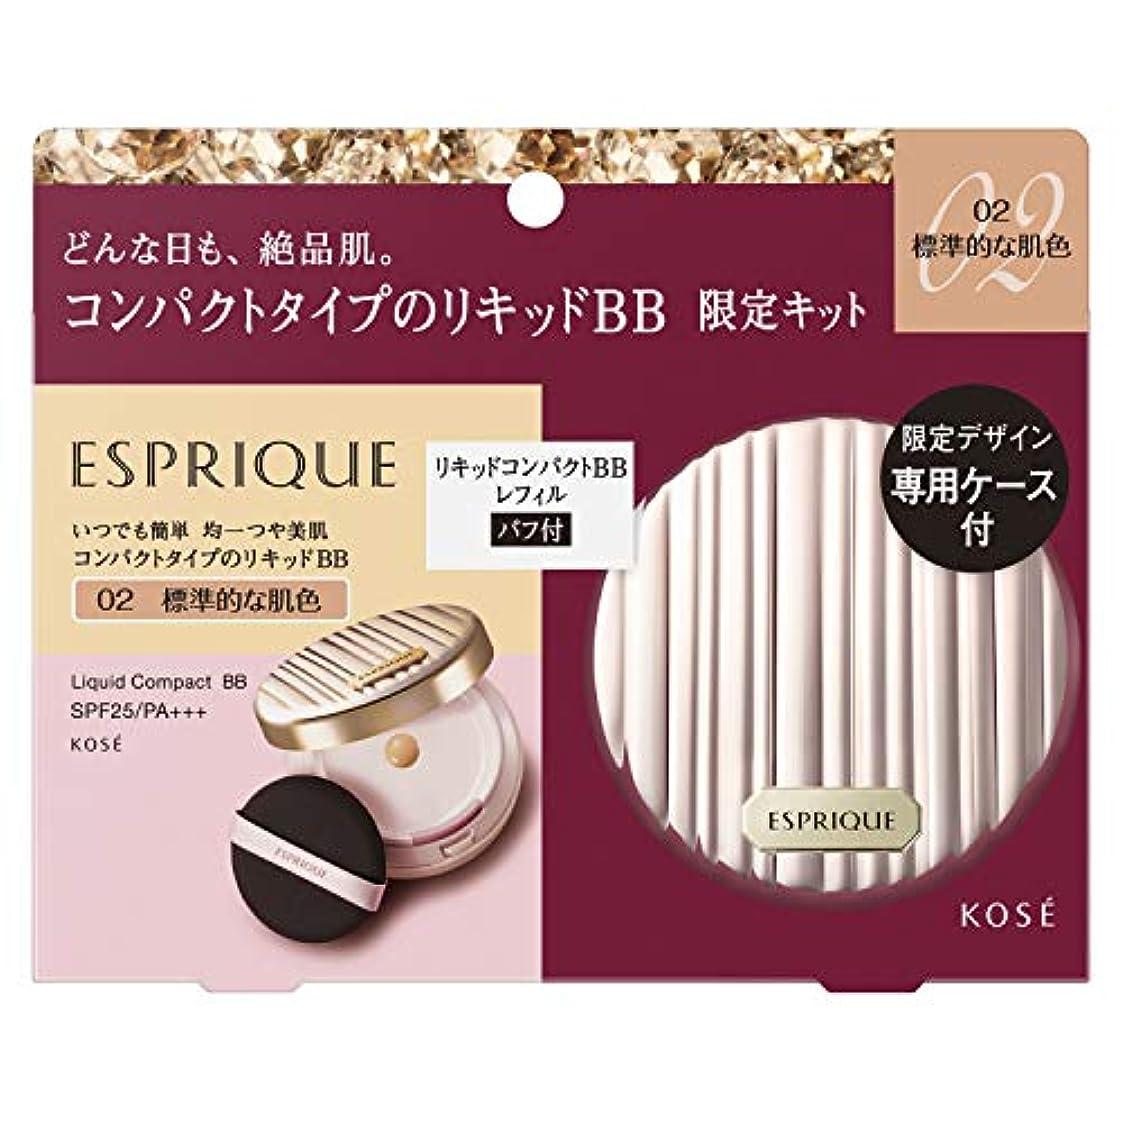 暗くする高齢者実質的にESPRIQUE(エスプリーク) エスプリーク リキッド コンパクト BB 限定キット 2 BBクリーム 02 標準的な肌色 セット 13g+ケース付き